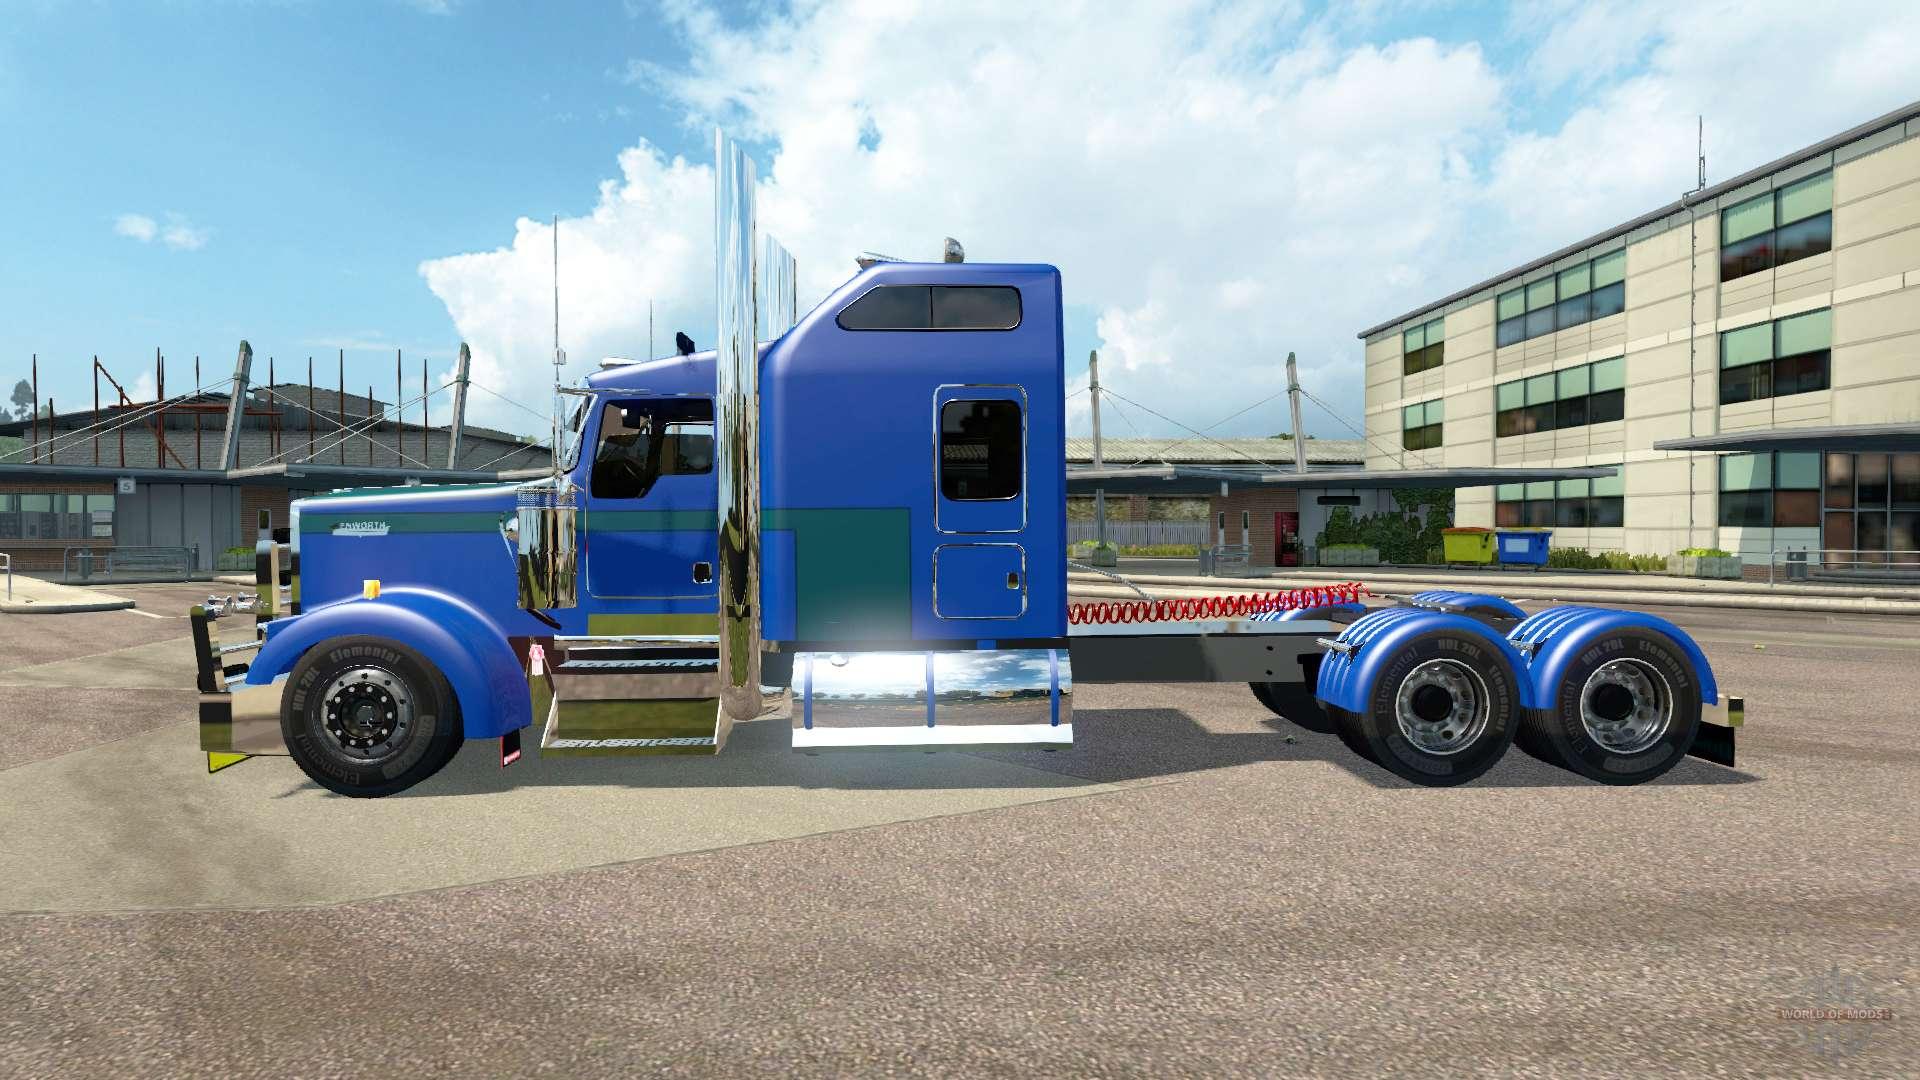 Télécharger Euro Truck Simulator gratuitement. Notre logithèque vous offre de télécharger gratuitement Euro Truck Simulator 2.1.